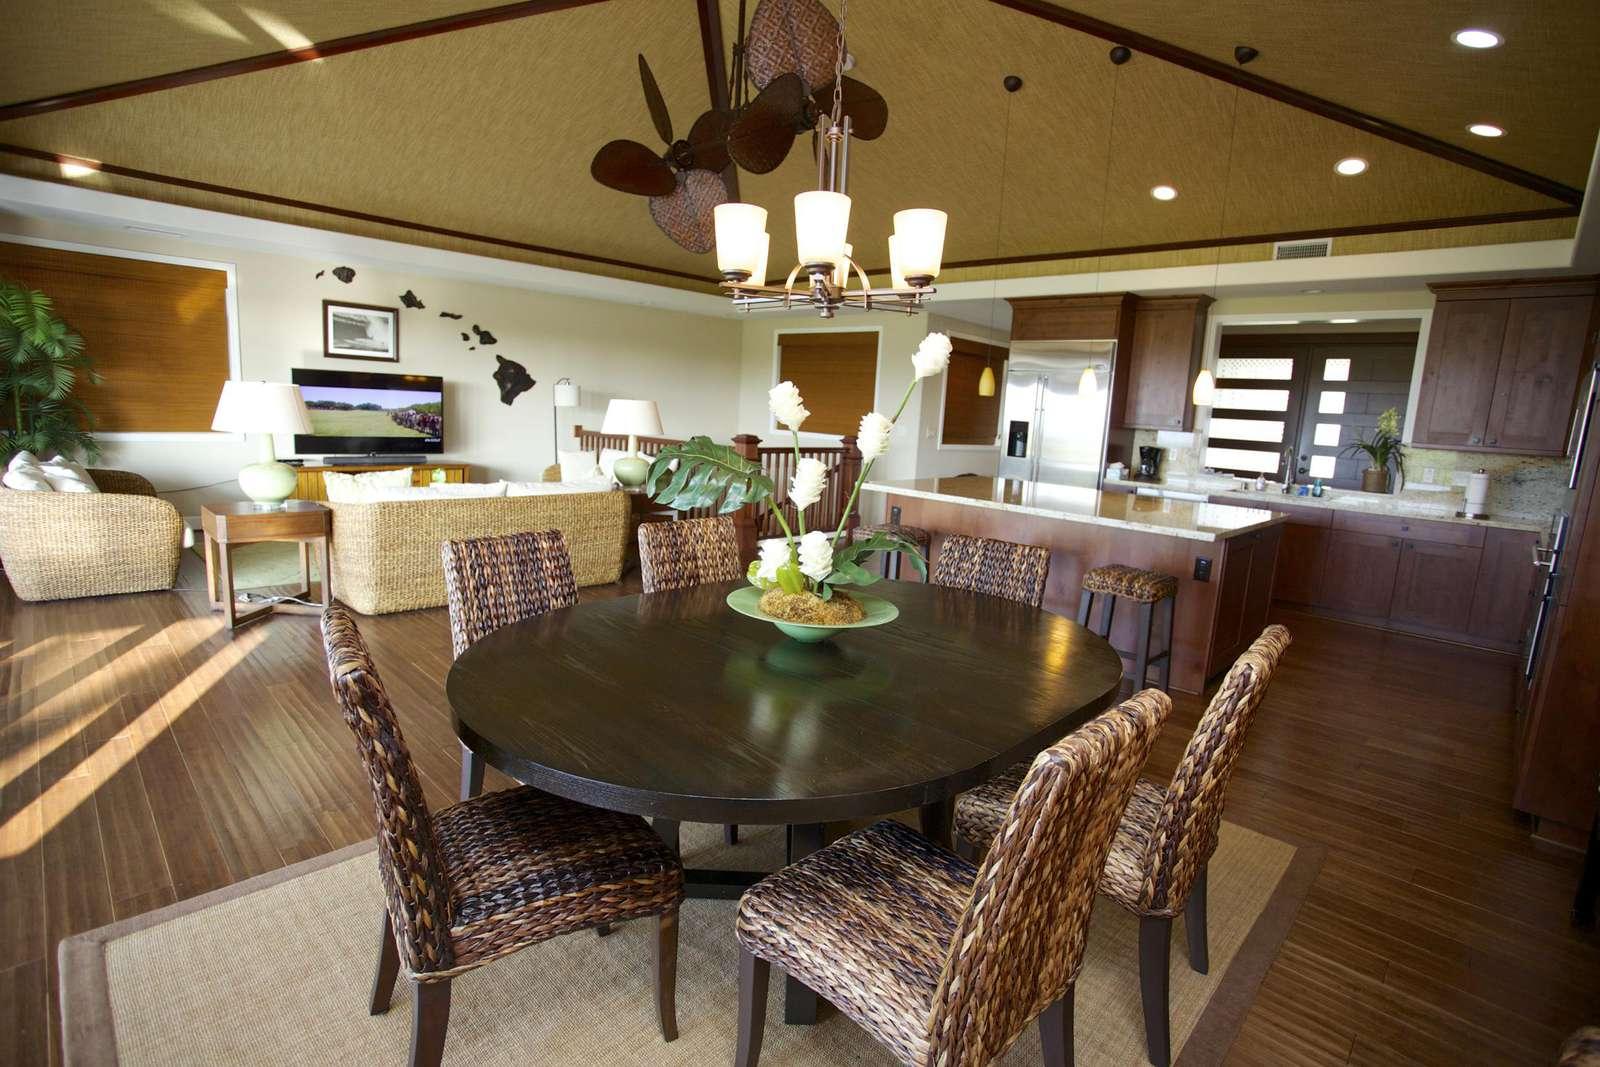 Inside dining area seats six